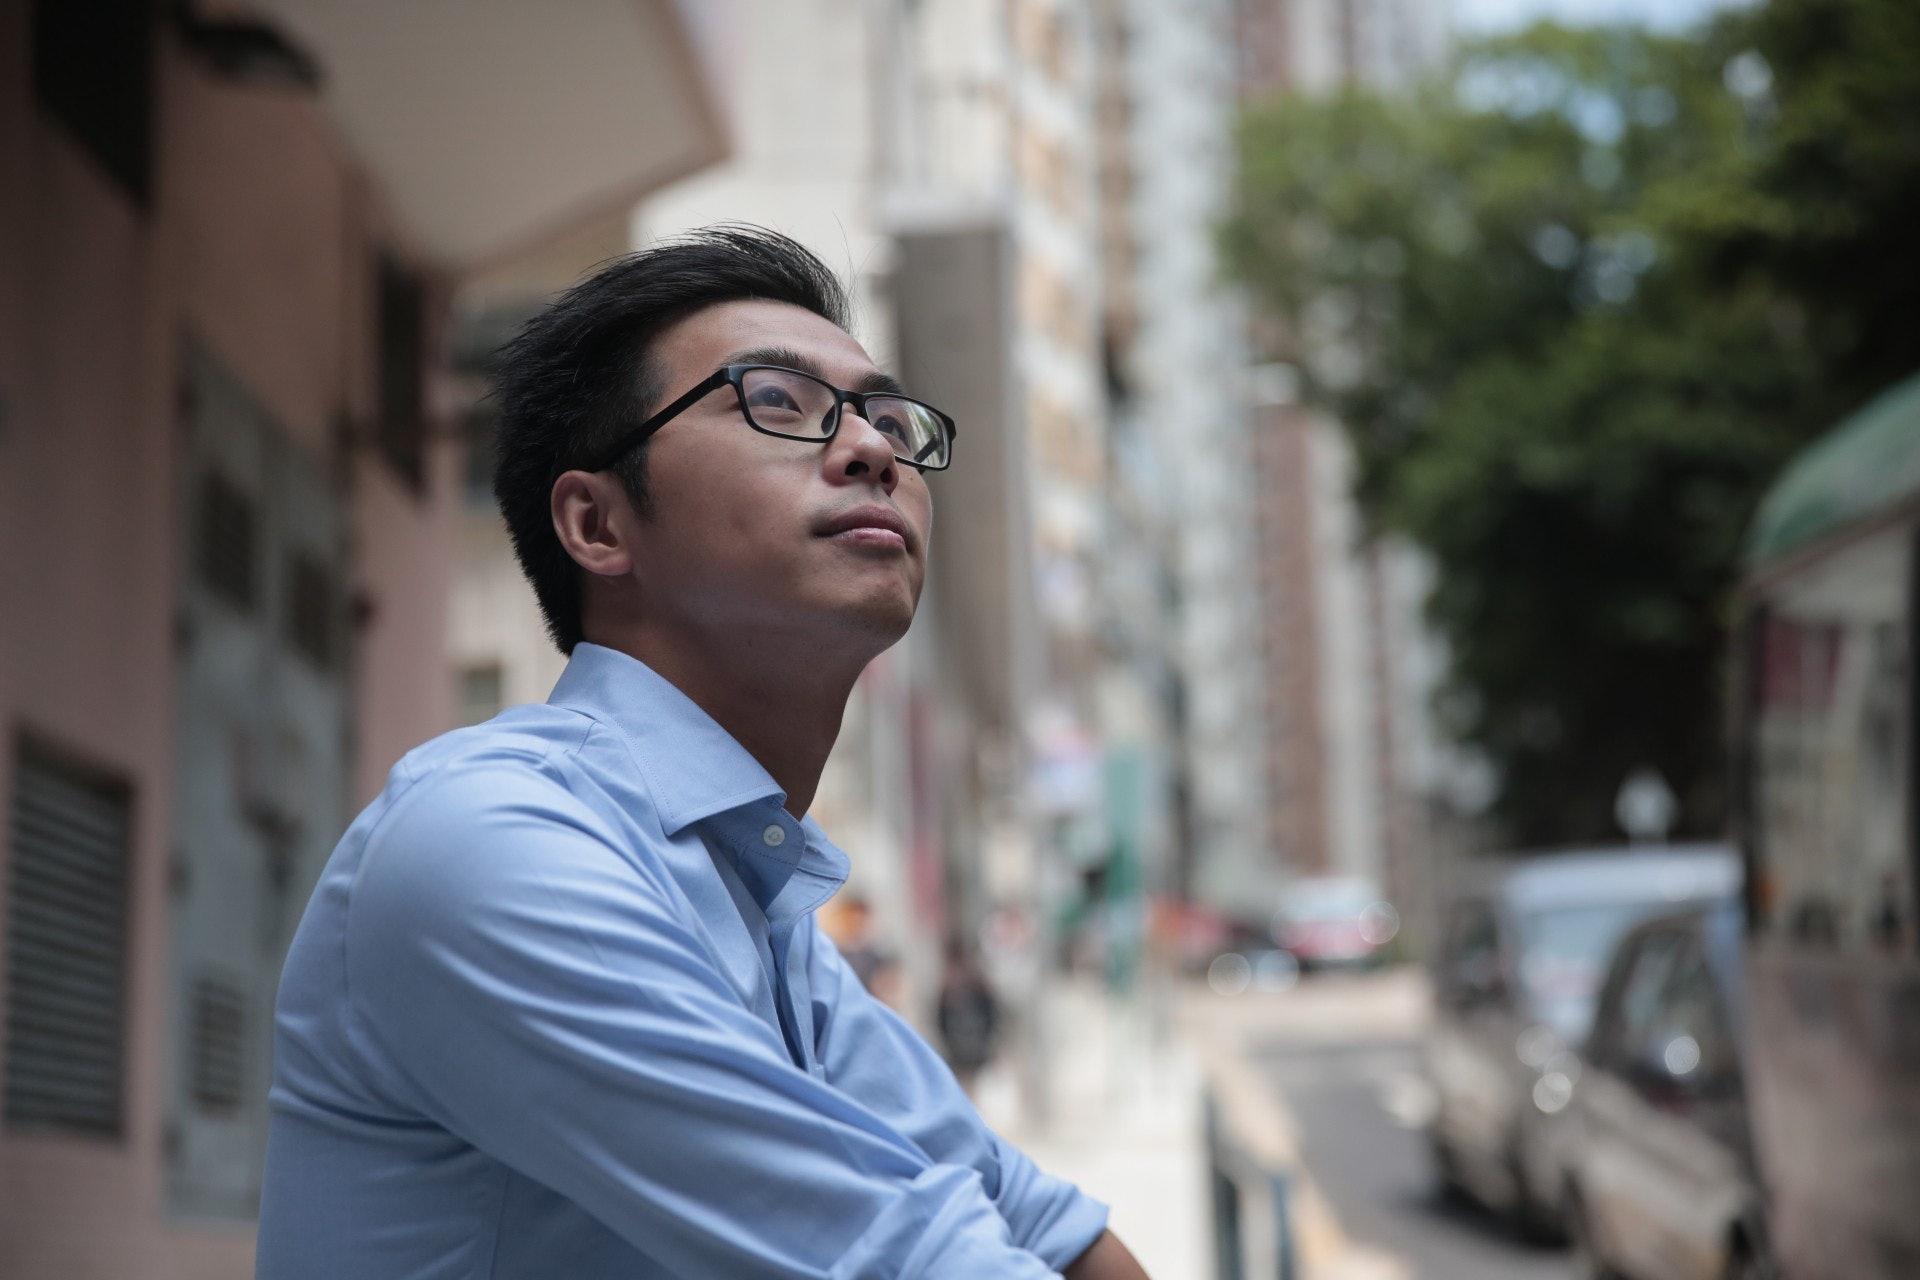 上屆選舉以500餘票之差落敗後,葉錦龍馬上捲土重來,他說是那是他成長的社區,過程中亦得到了街坊信賴,很難就此撒手不幹。(李穎霖攝)